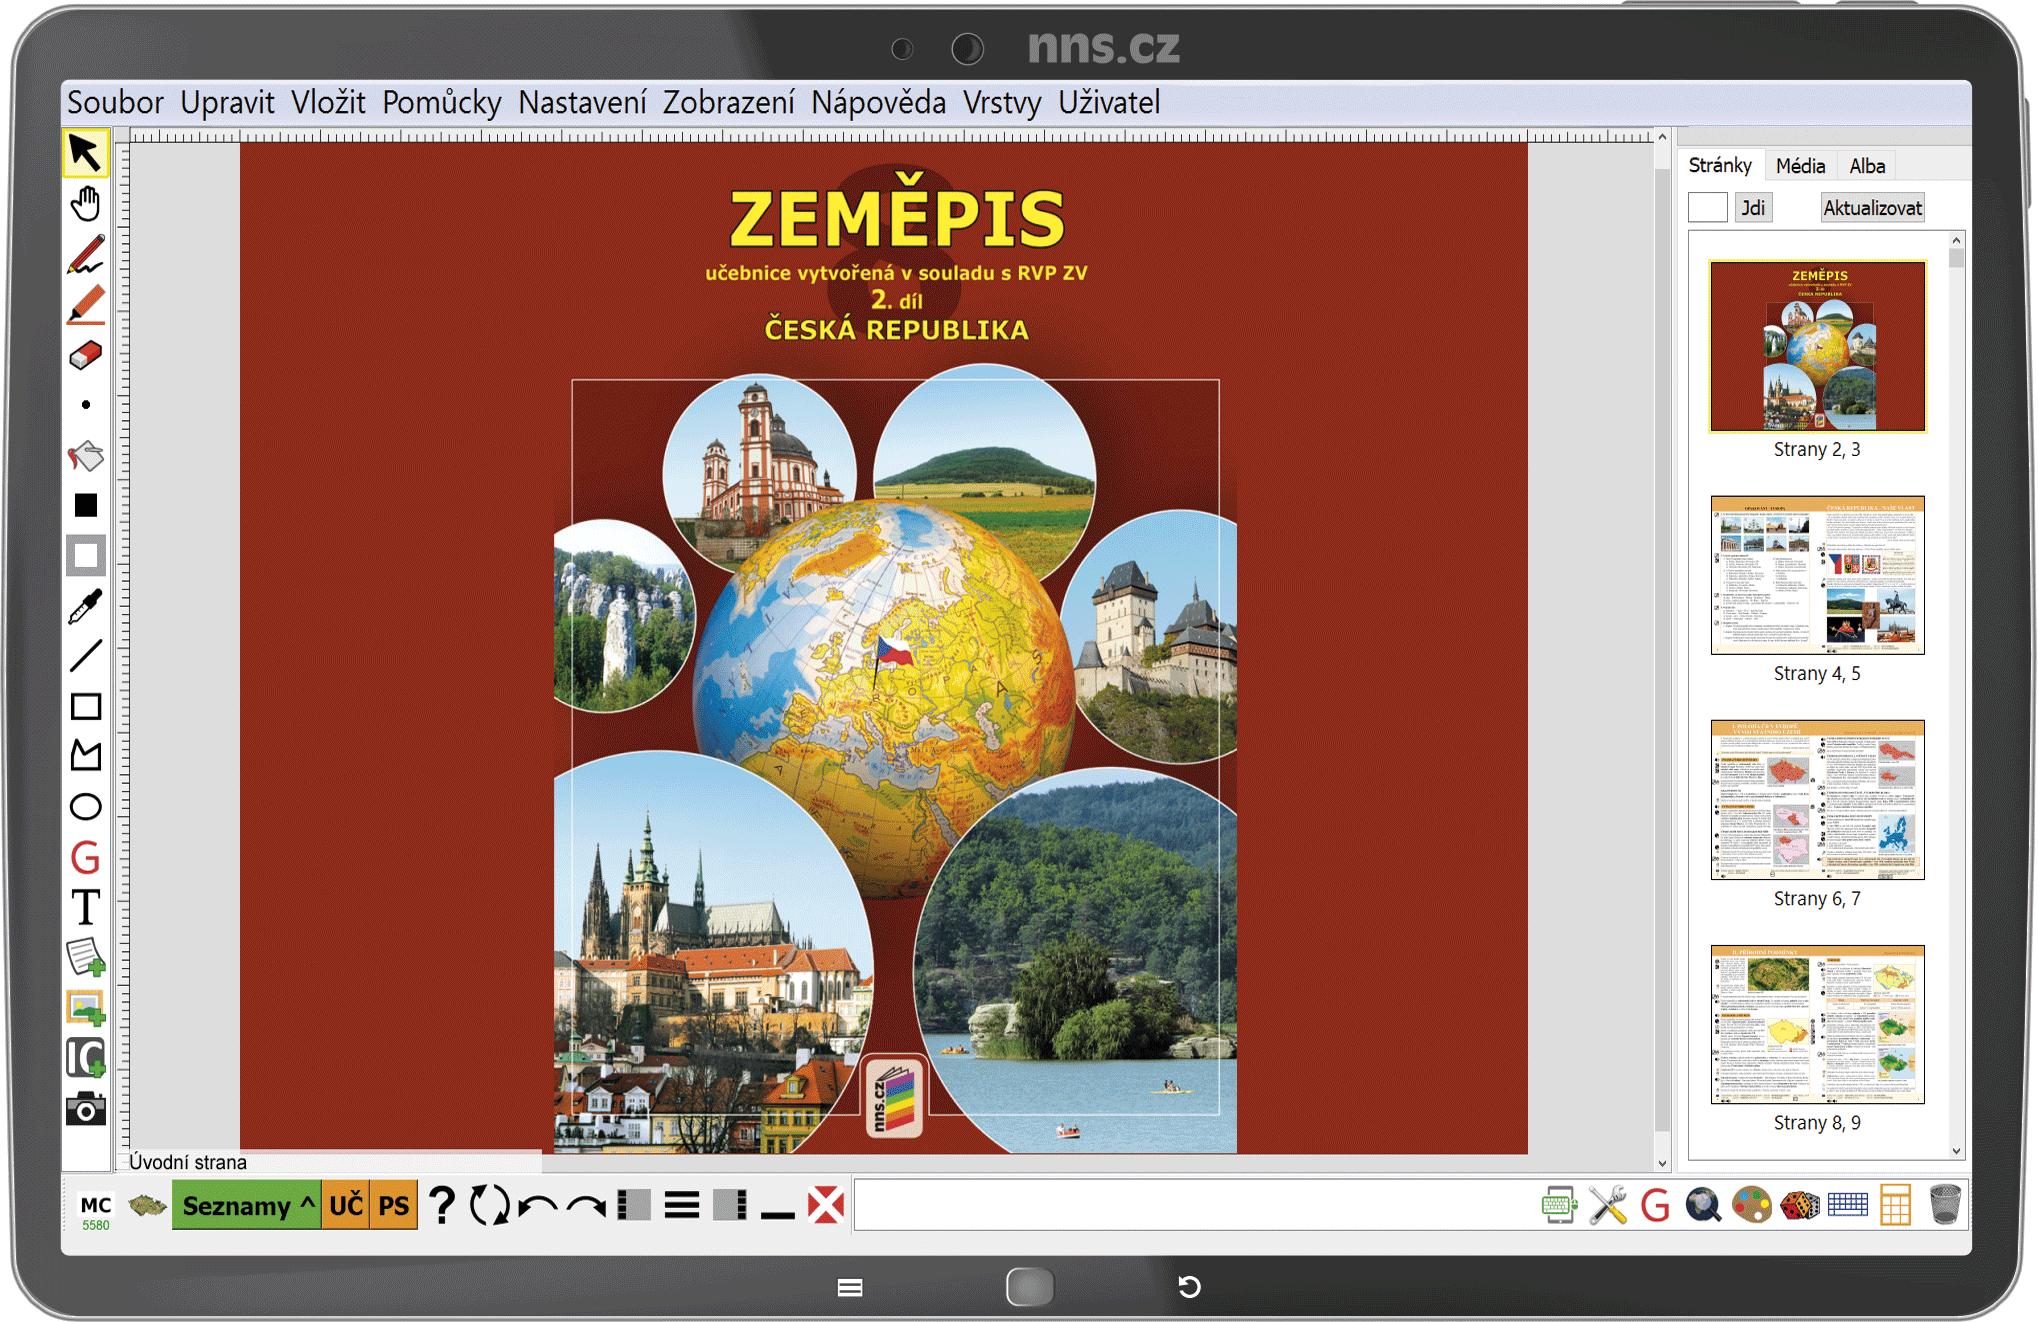 MIUč+ Zeměpis 8, 2. díl - Česká republika - žák. licence na 1 šk. rok